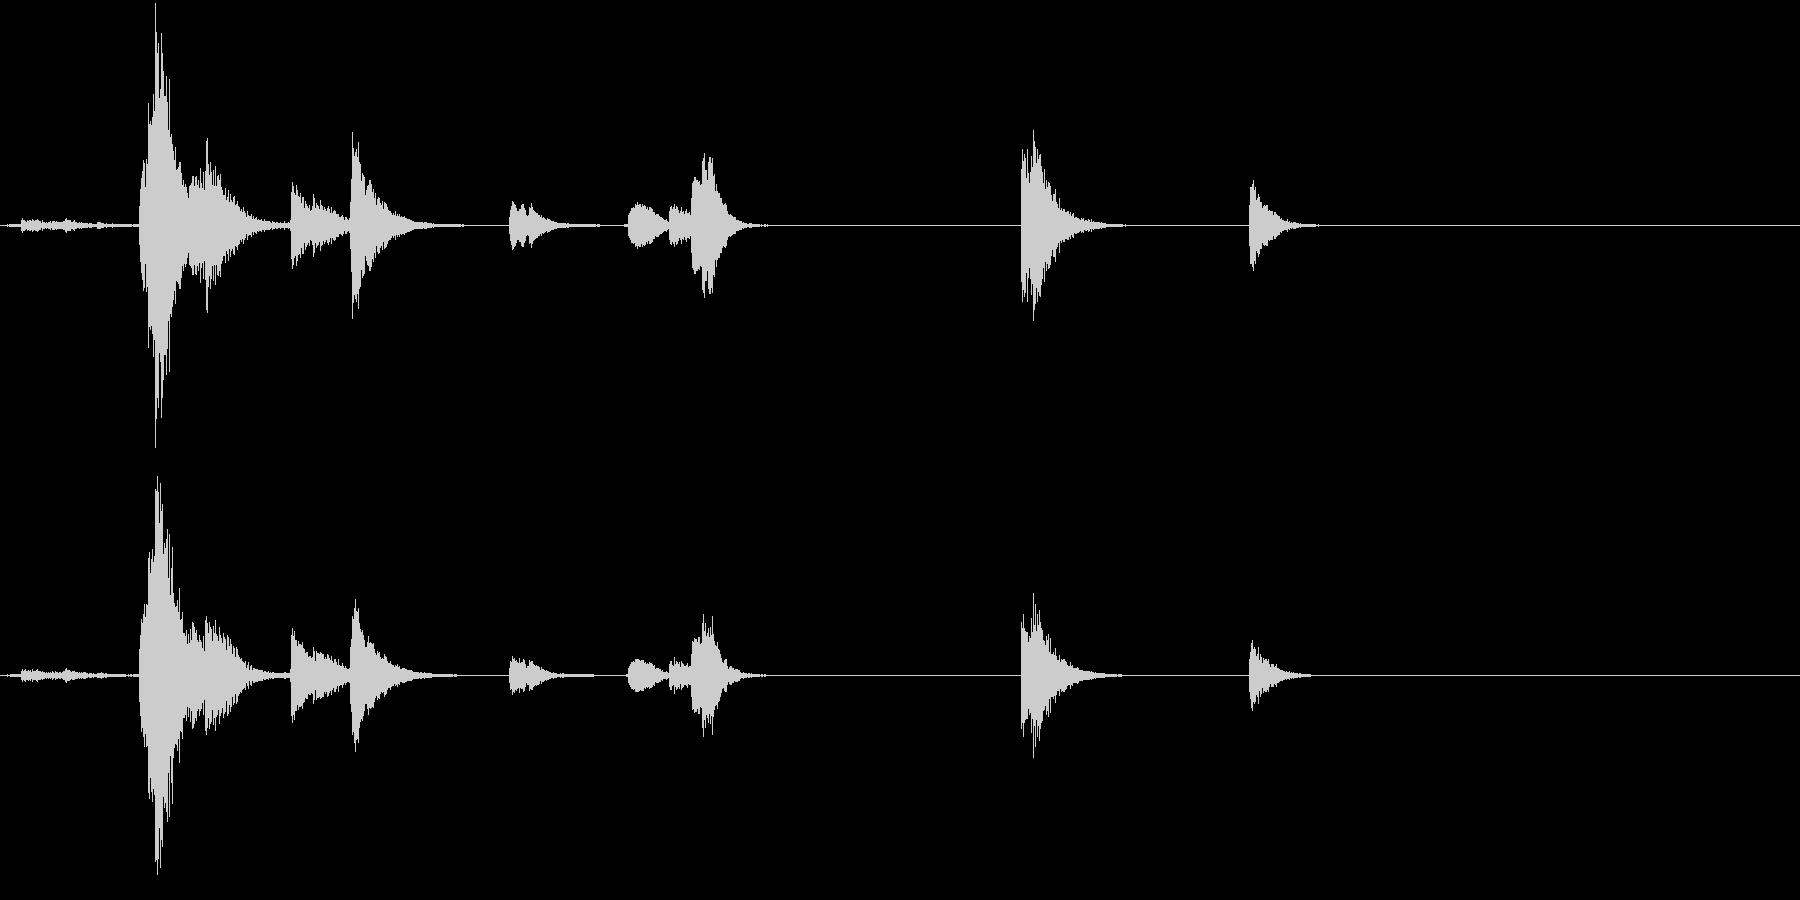 【生録音】TeaCup 食器の音 3の未再生の波形